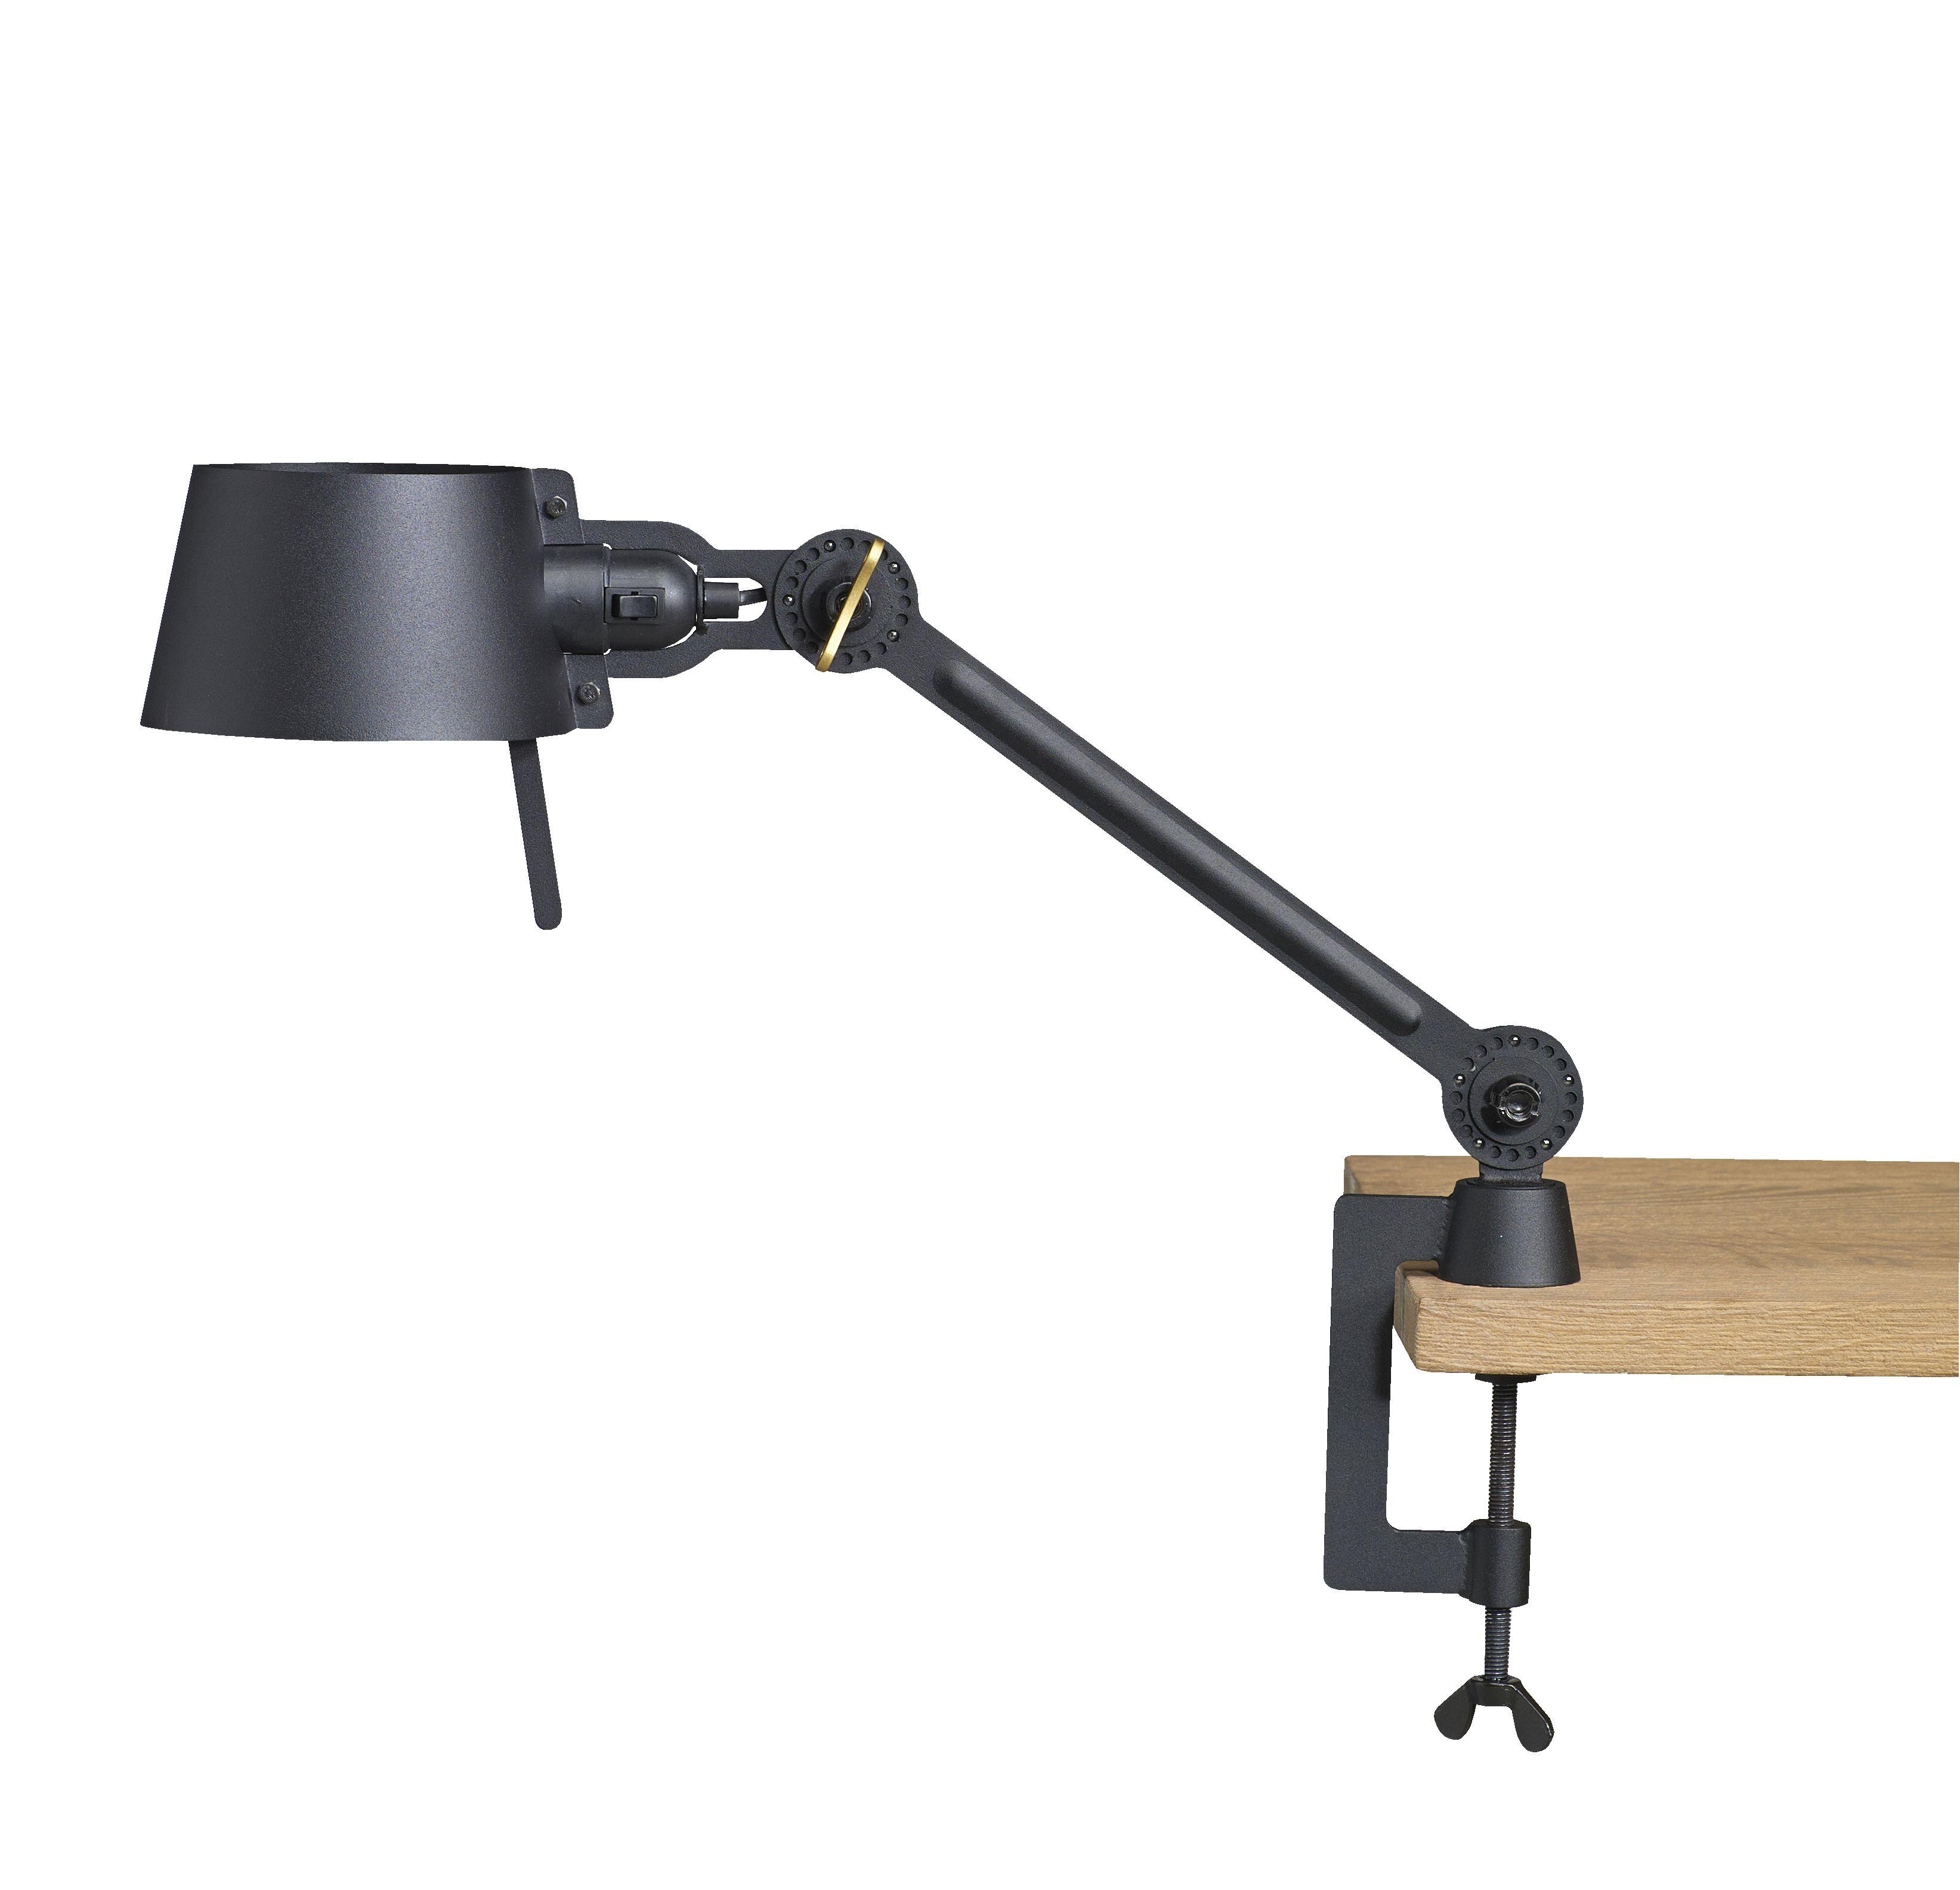 desk for lighting clamp by anglepoise the chromed lamps light range prod